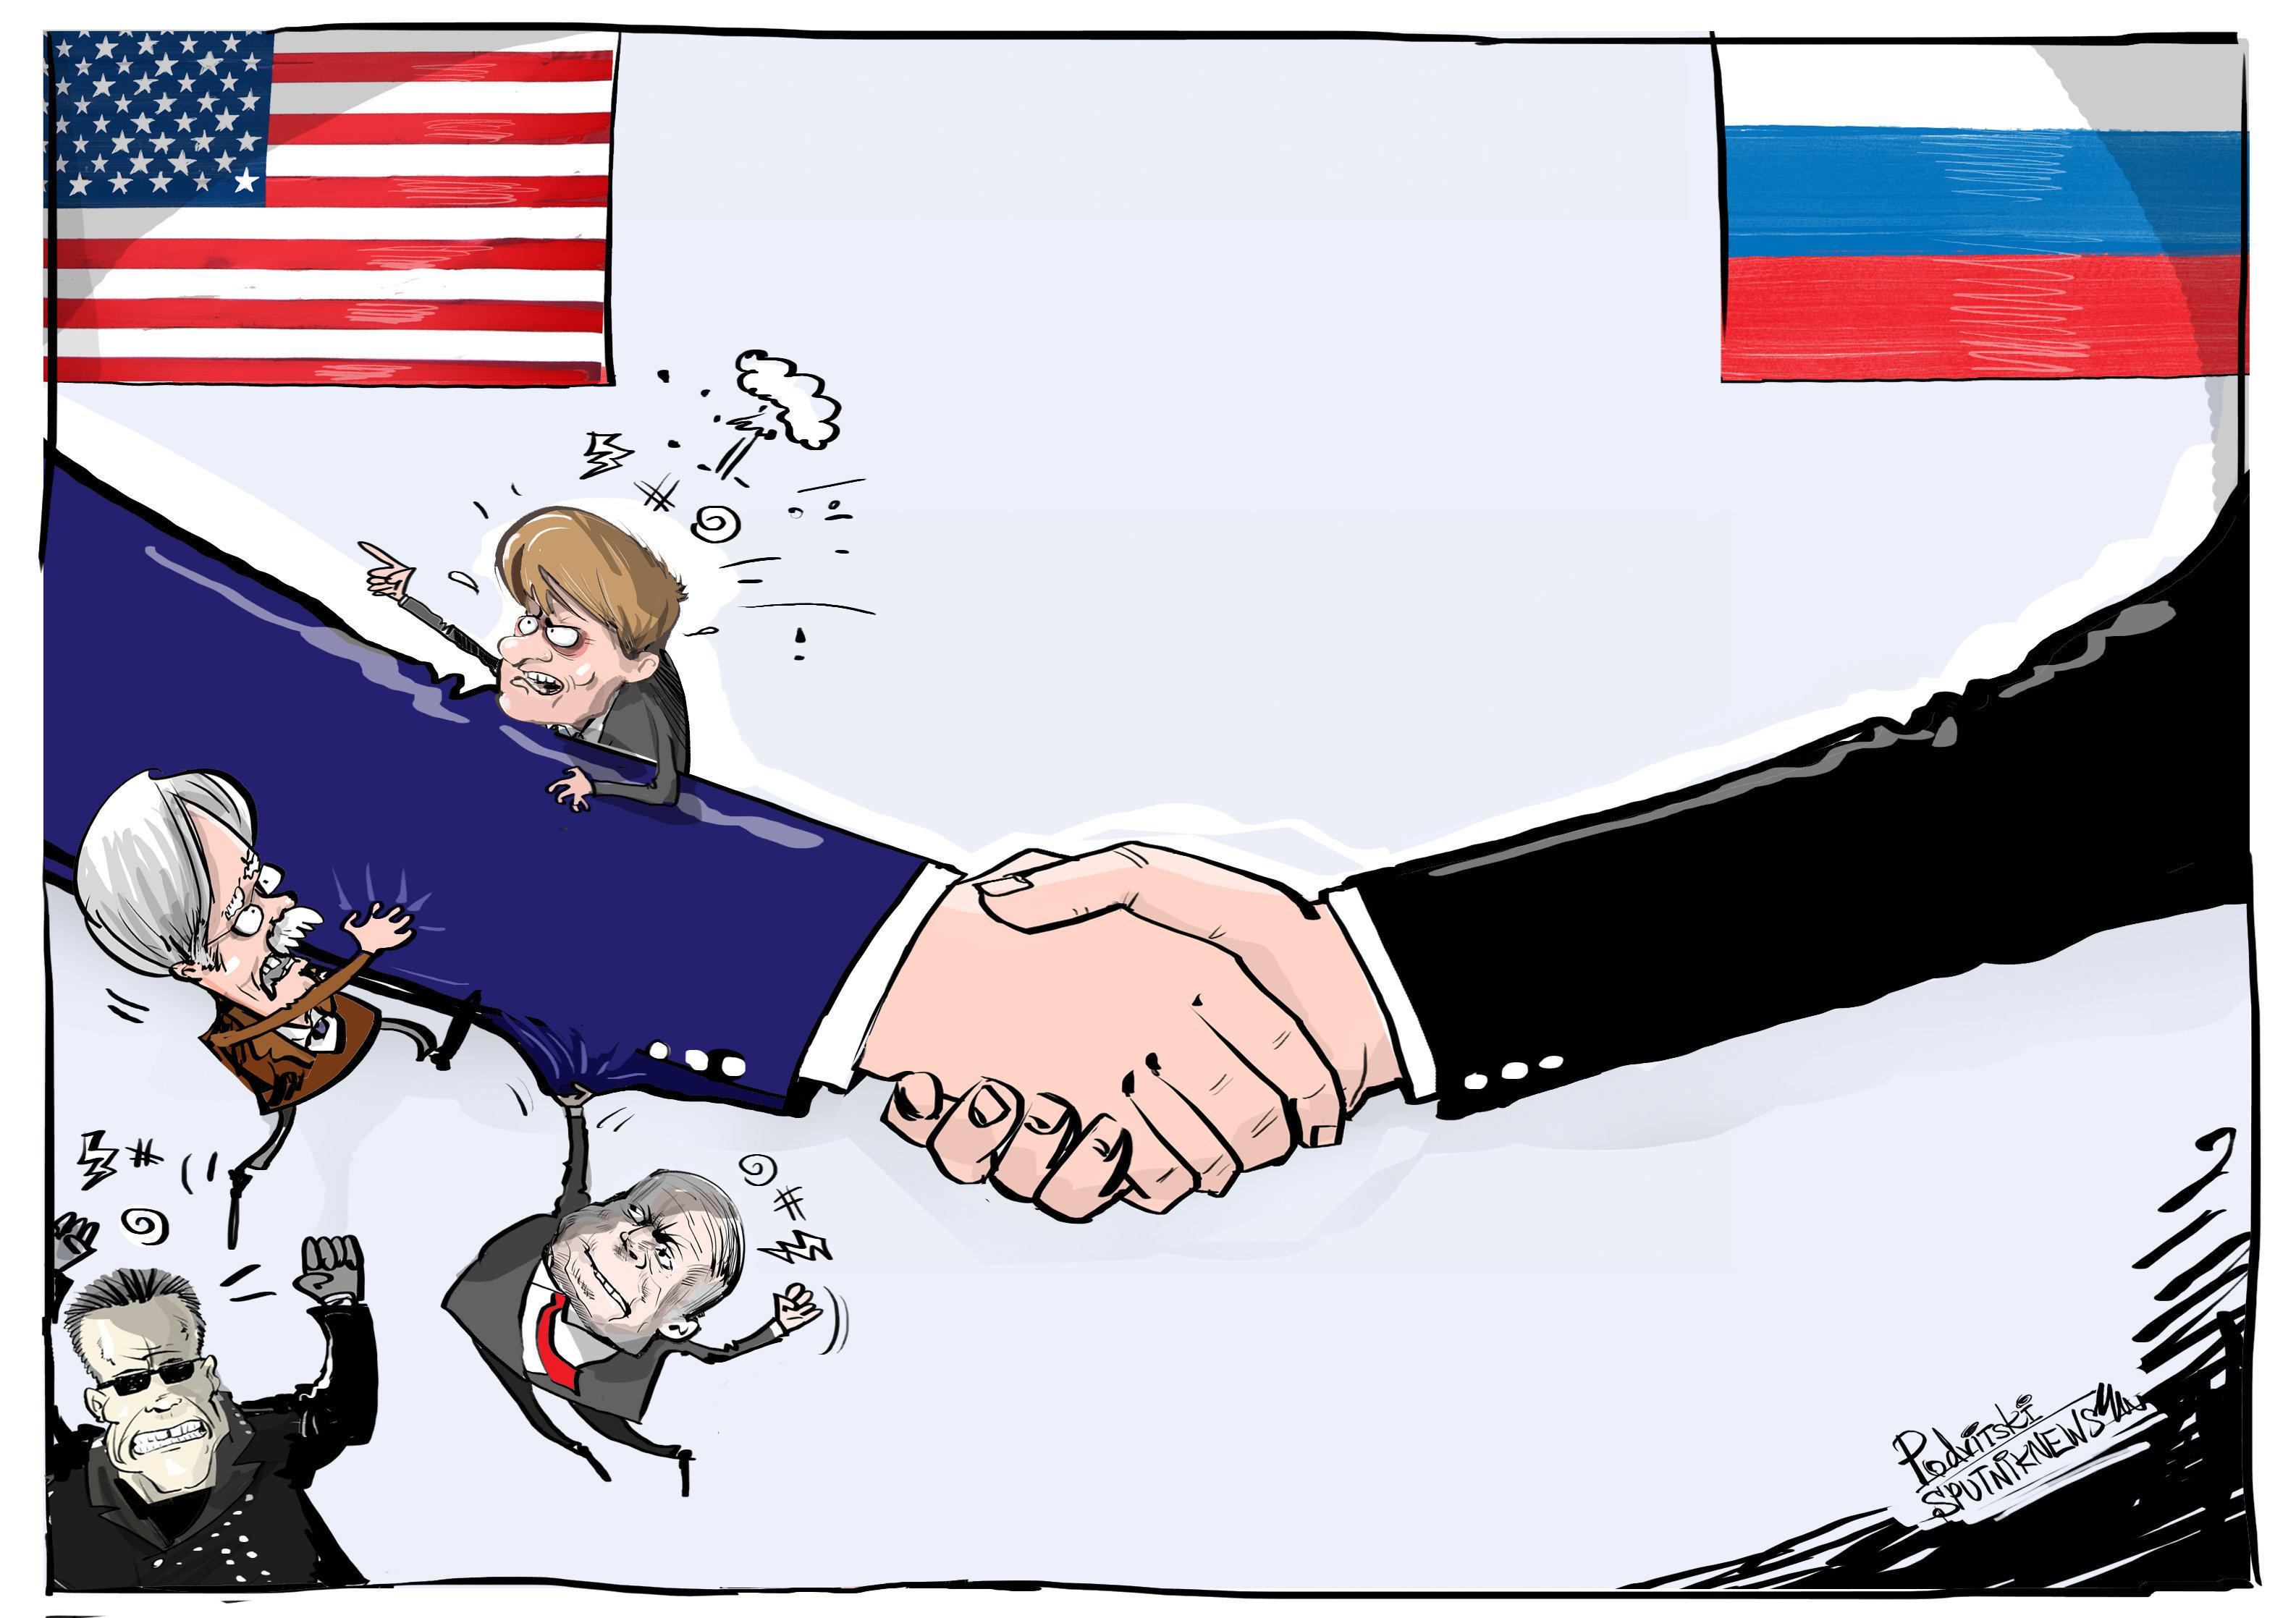 Recaída de la humillación en EEUU tras el encuentro de Putin y Trump